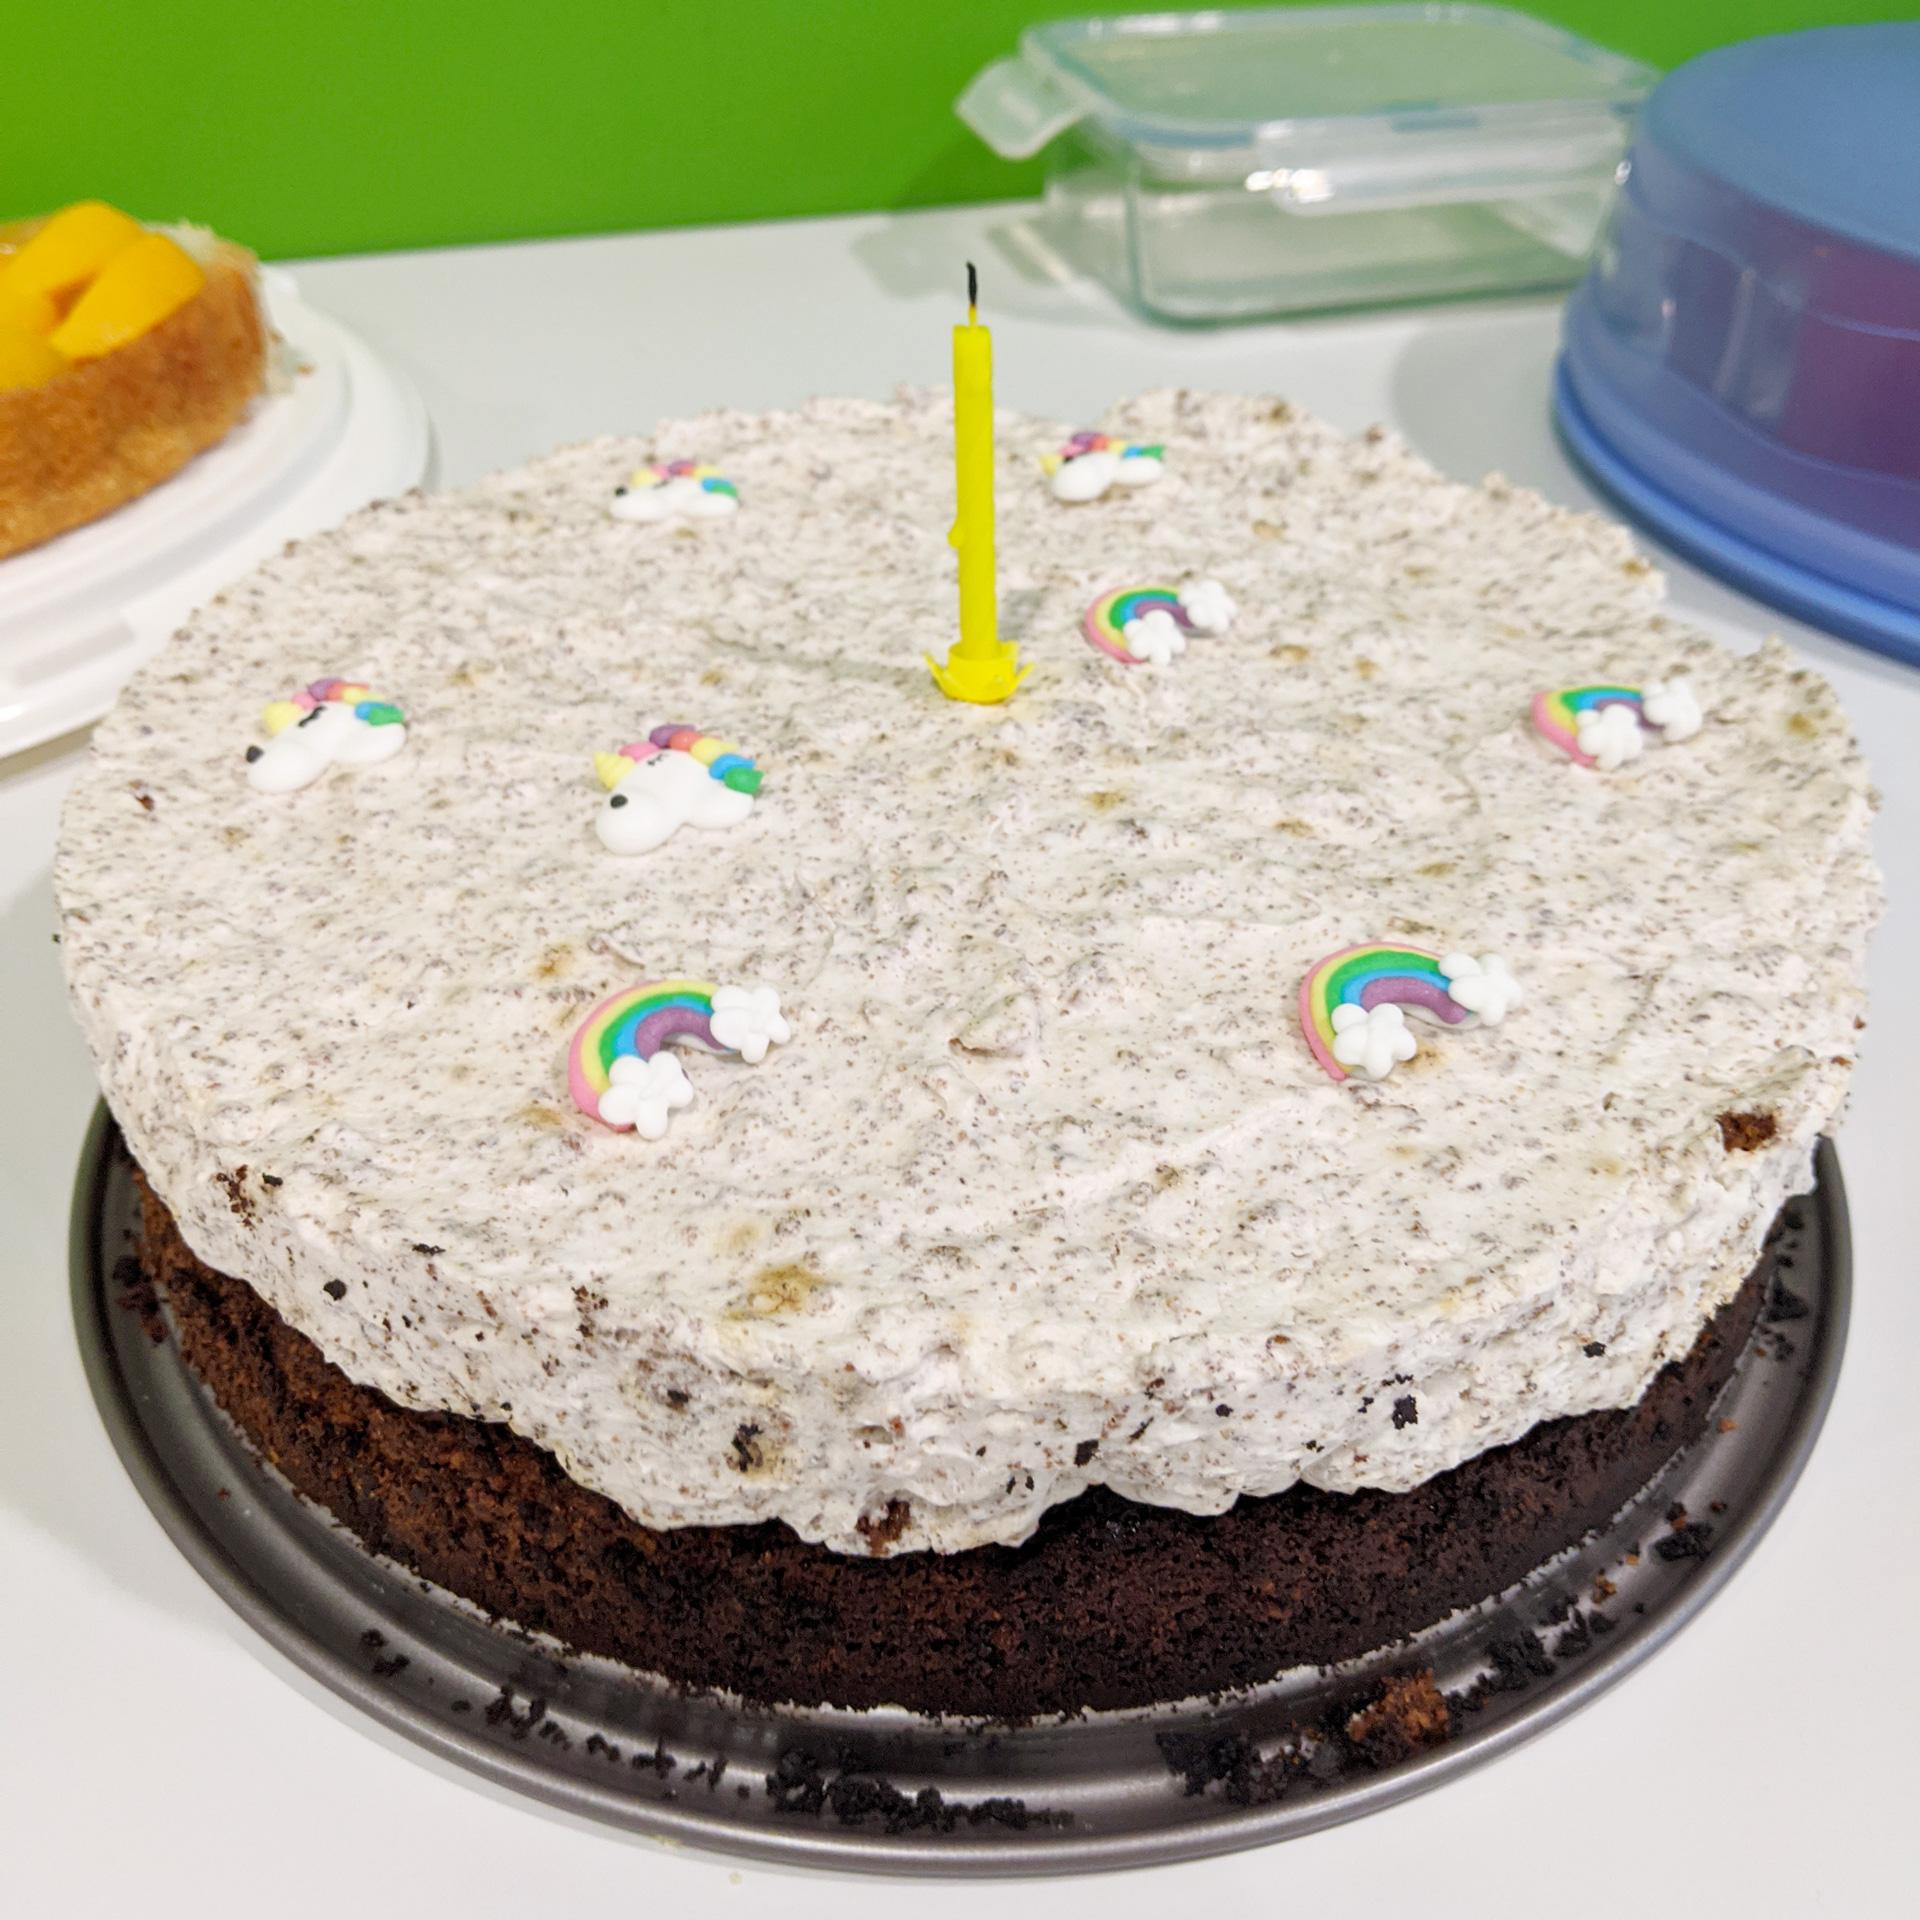 Krümel-Sahne-Torte dekoriert mit Einhörnern und einer gelben Geburtstagkerze